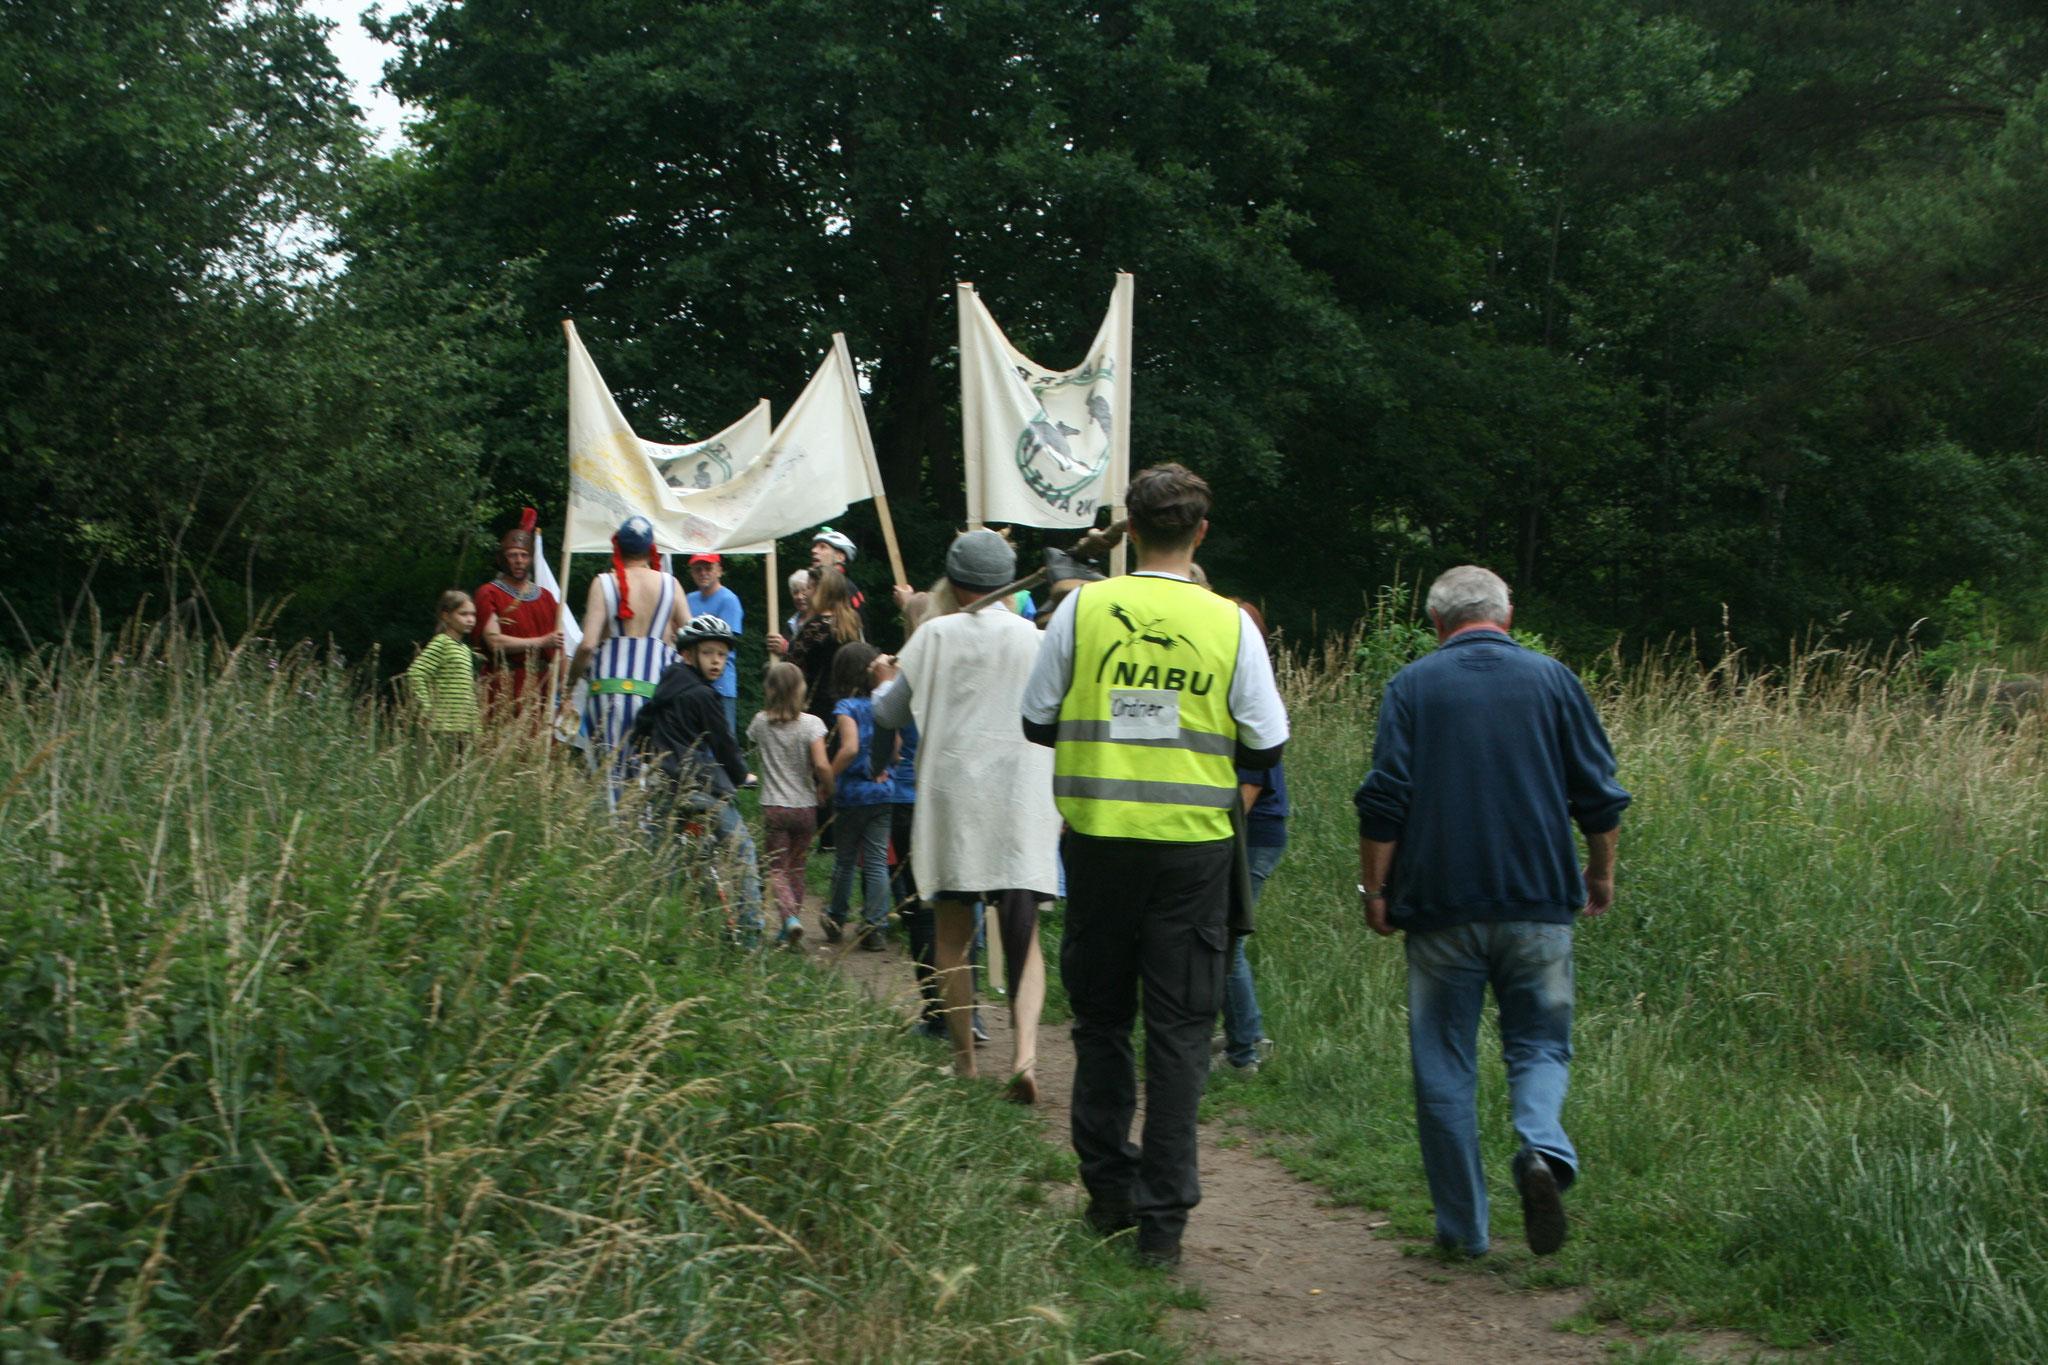 Besetzung der Trainierbahn durch den NABU und Abgeordnete eines Gallischen Dorfes